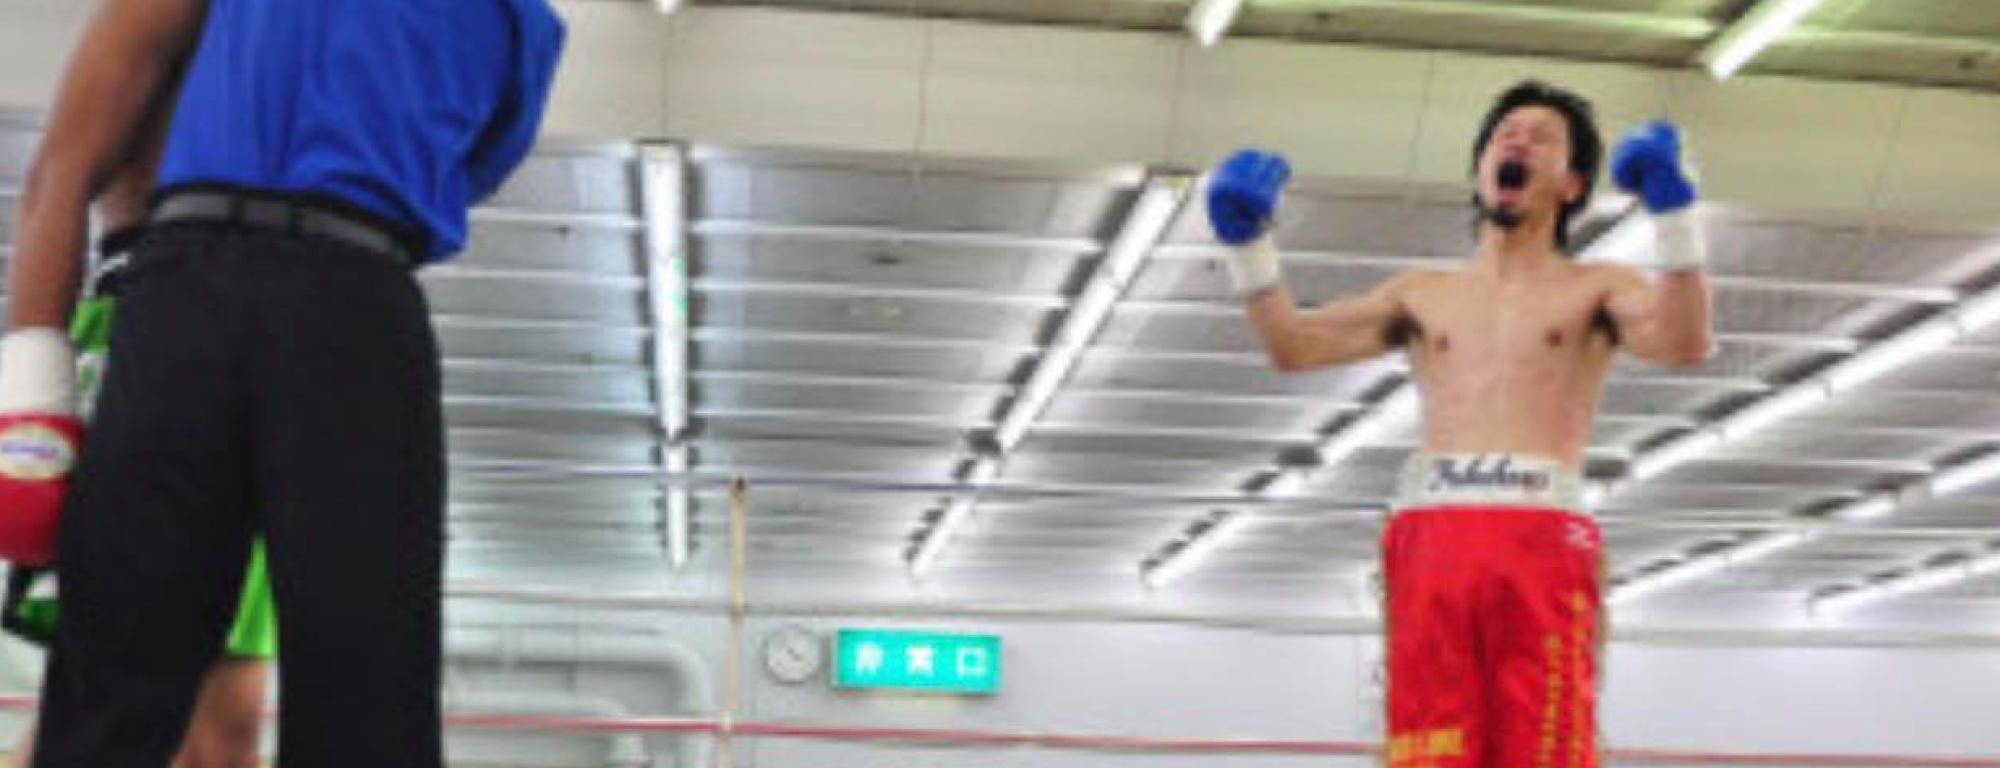 結花スポーツボクシングジムの画像